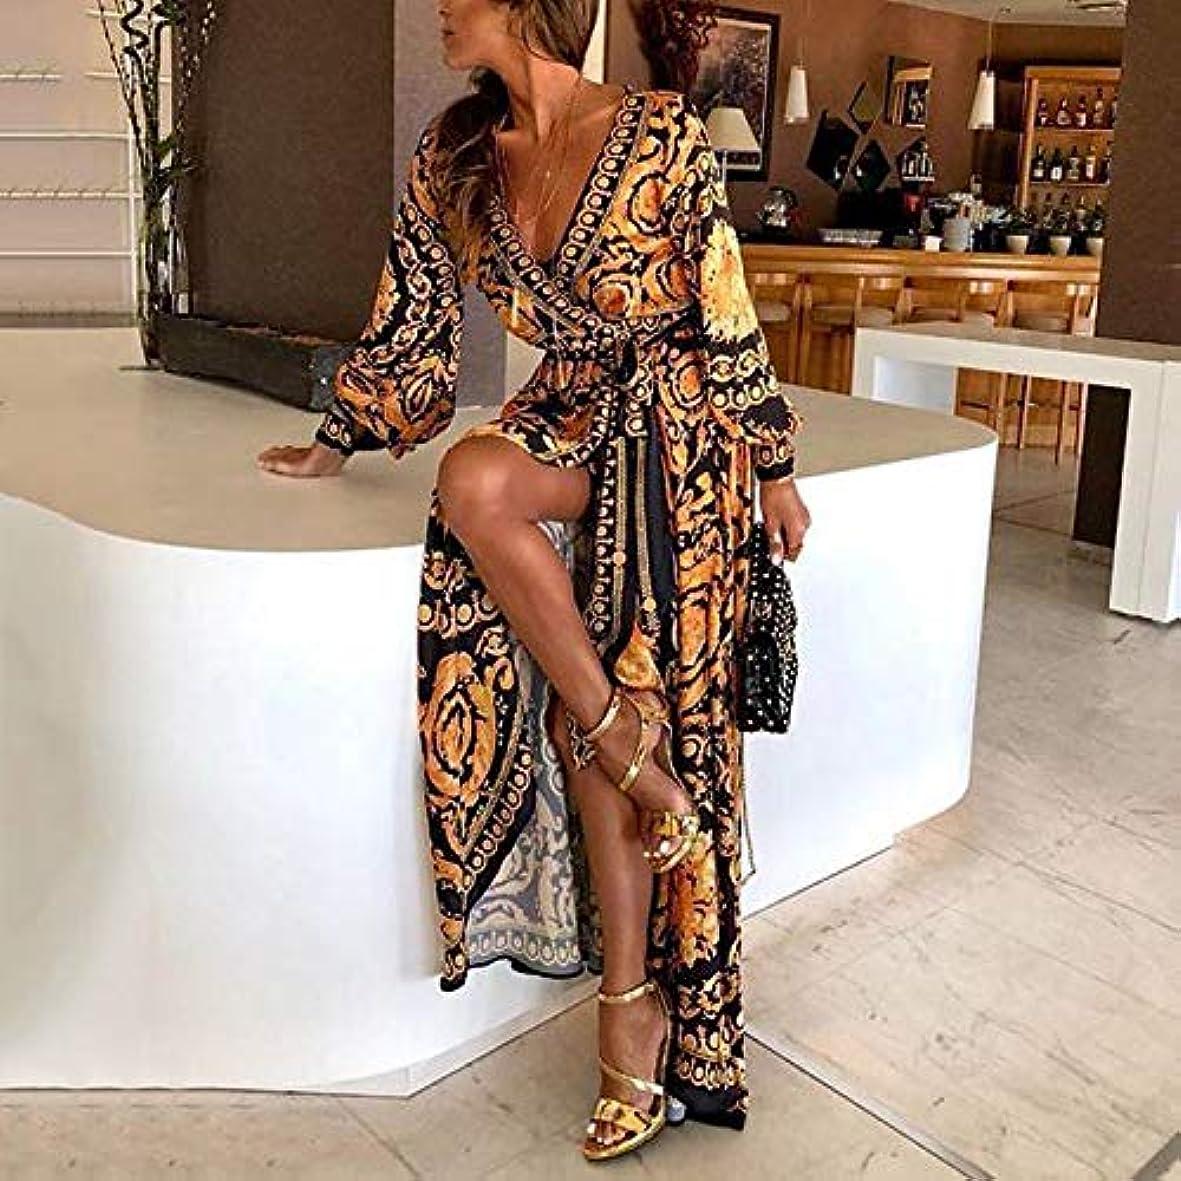 シソーラス帝国暴力的なOnderroa - ファッションエレガントな女性のセクシーなボートネックグリッターディープVネックドレスパーティーフォーマルロングドレスを印刷